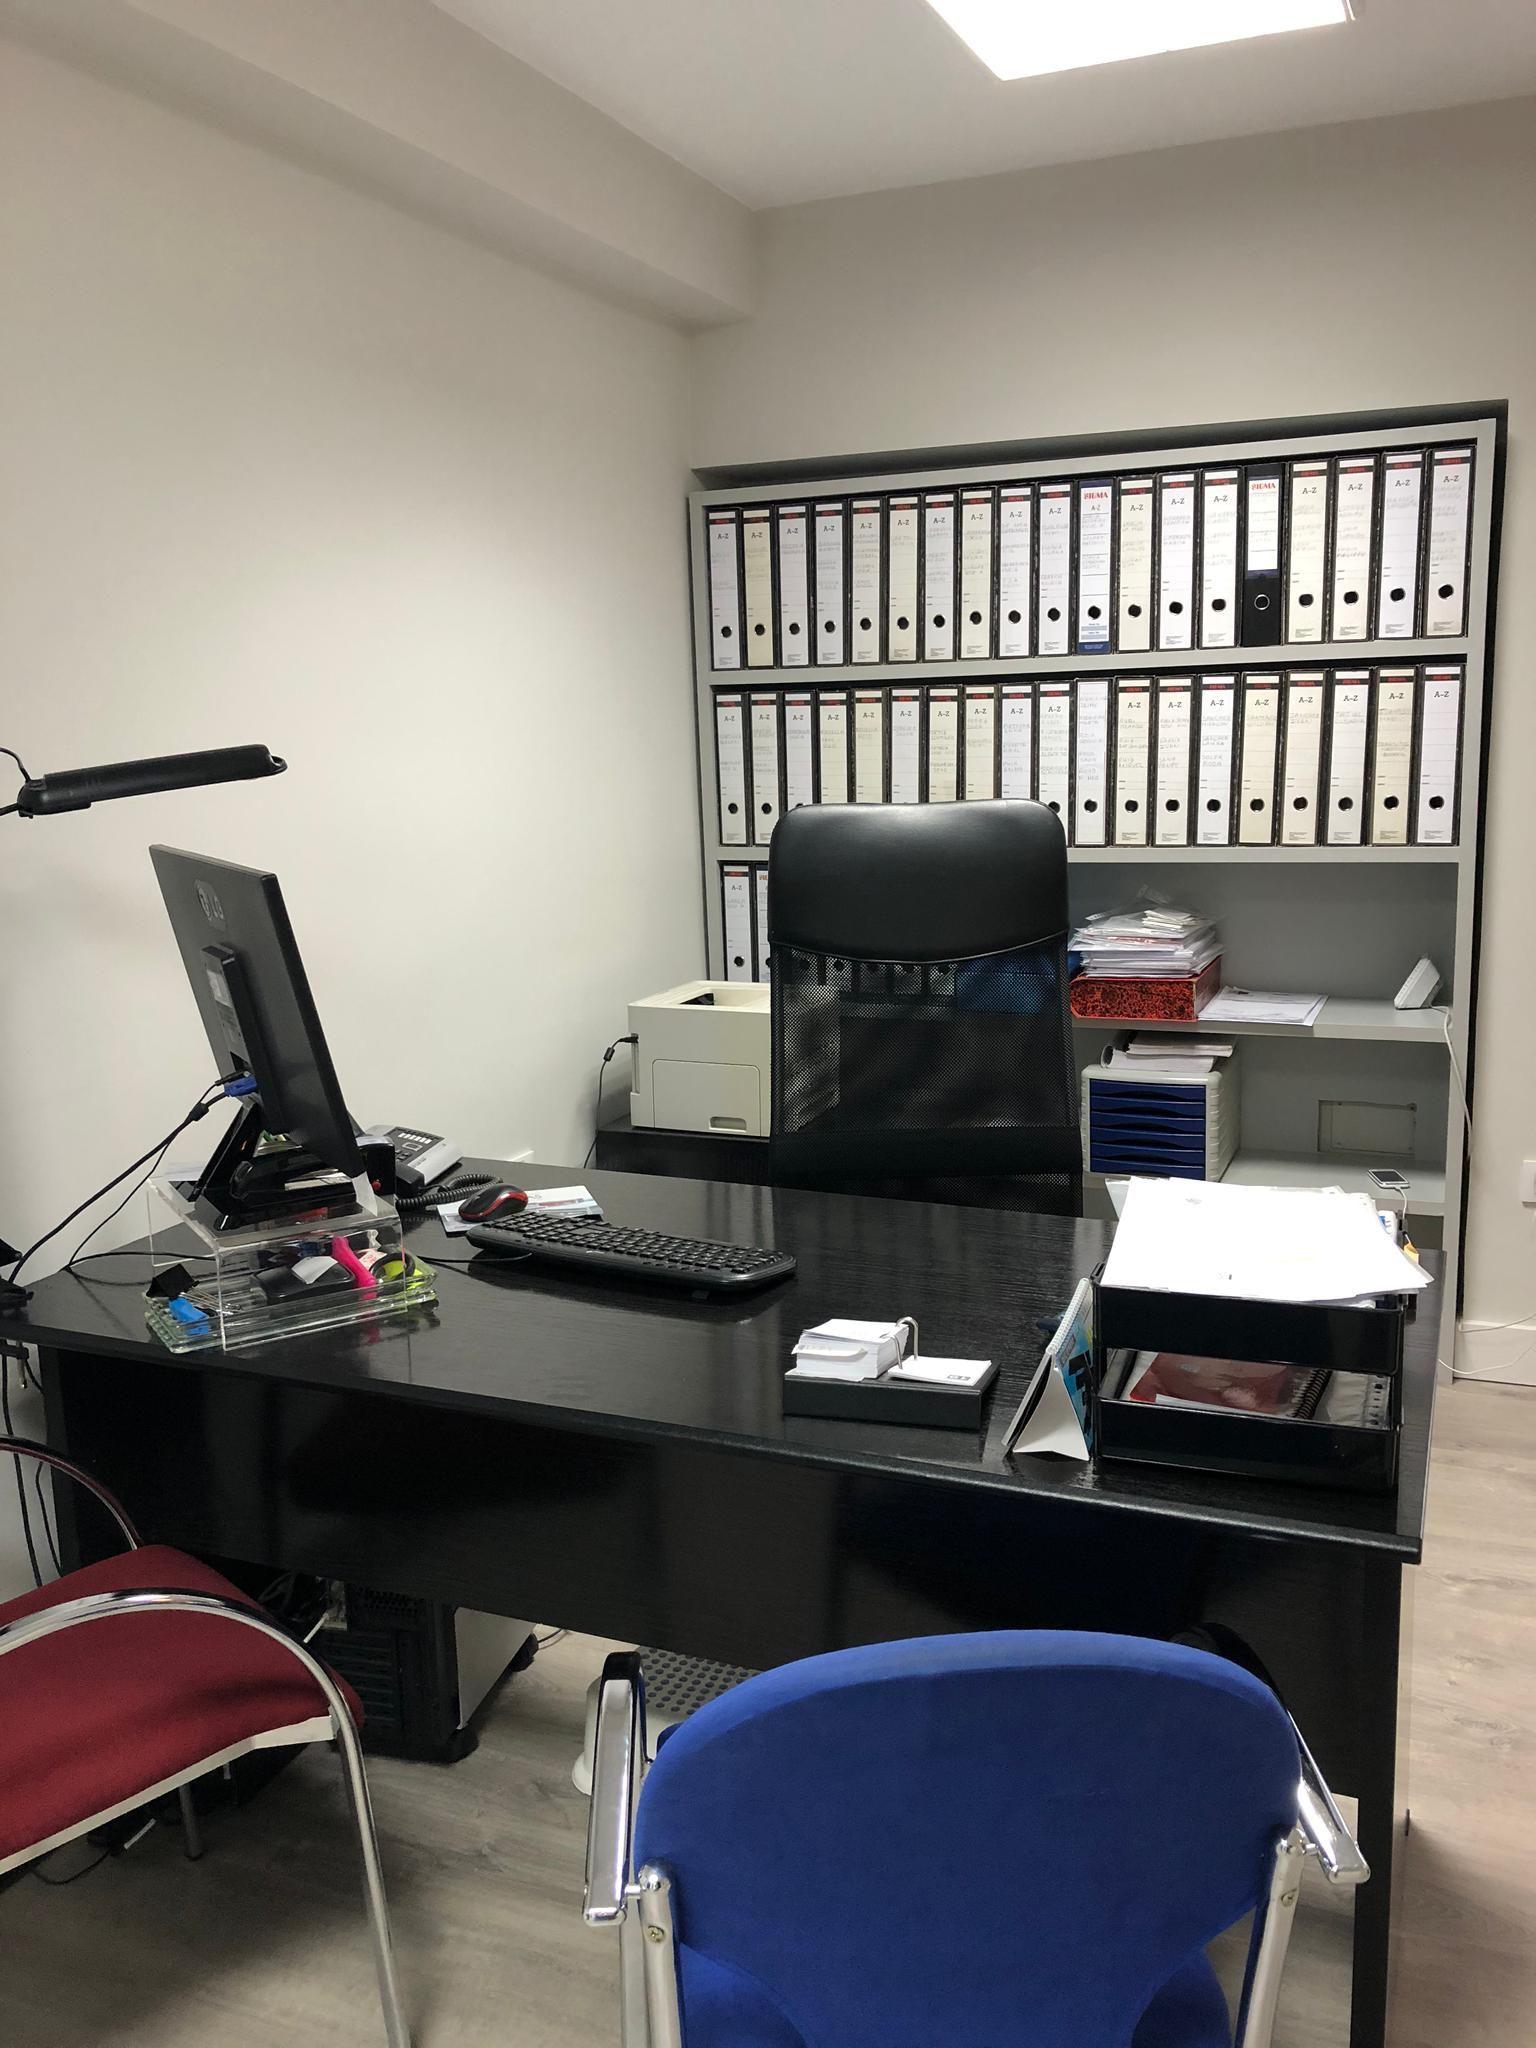 Foto 4 de Gestorías administrativas en Madrid | Gestoría Guaita Beneit